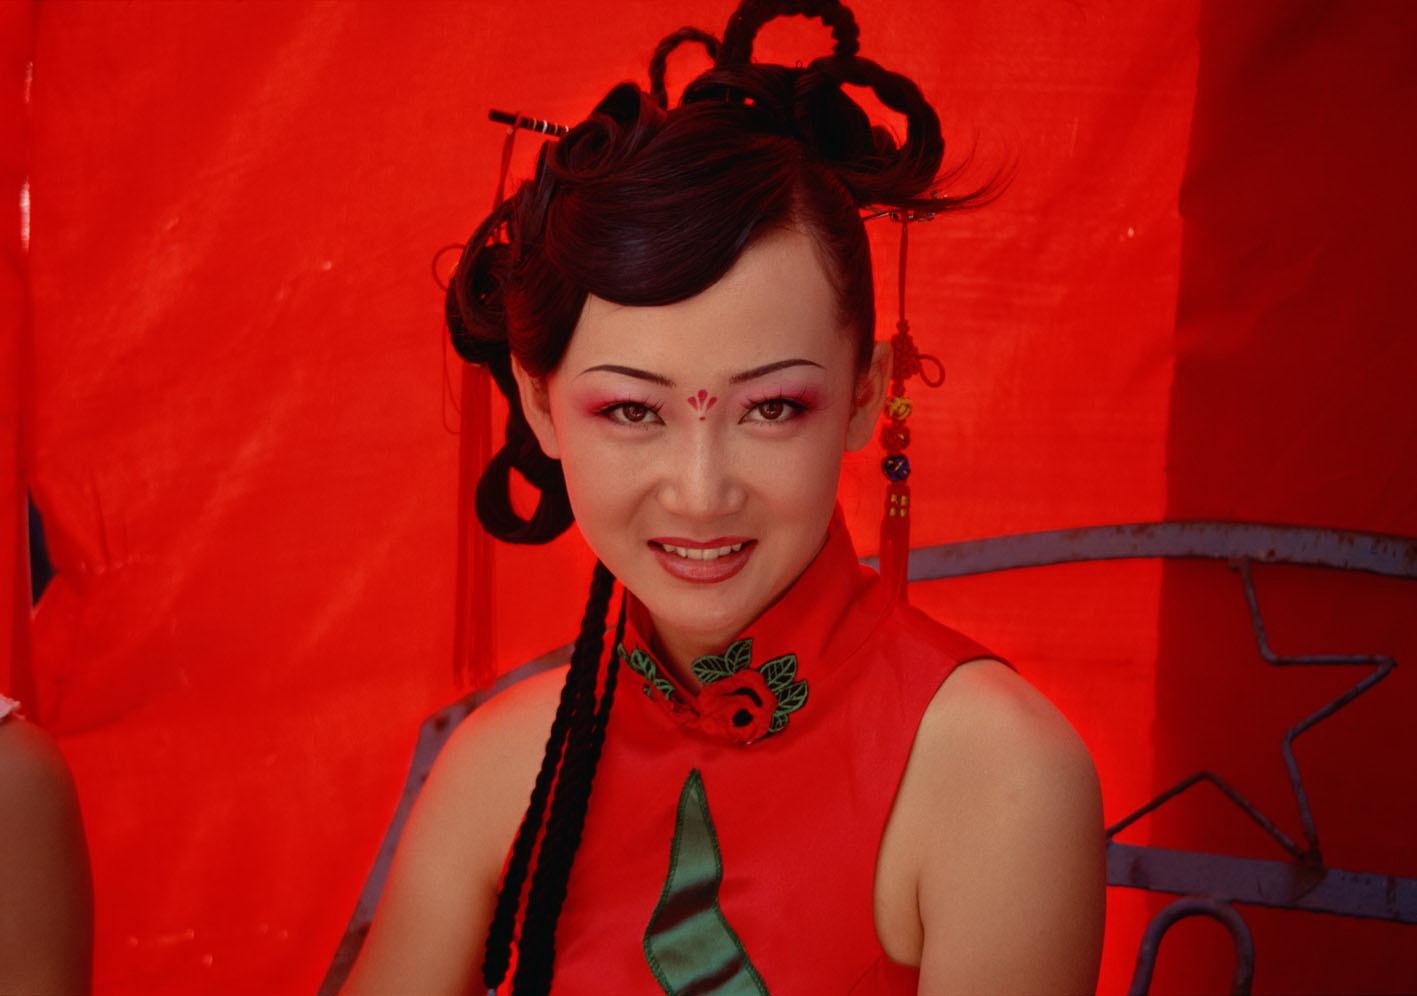 Universal mood le donne cinesi con foto - Ragazze nude a letto ...